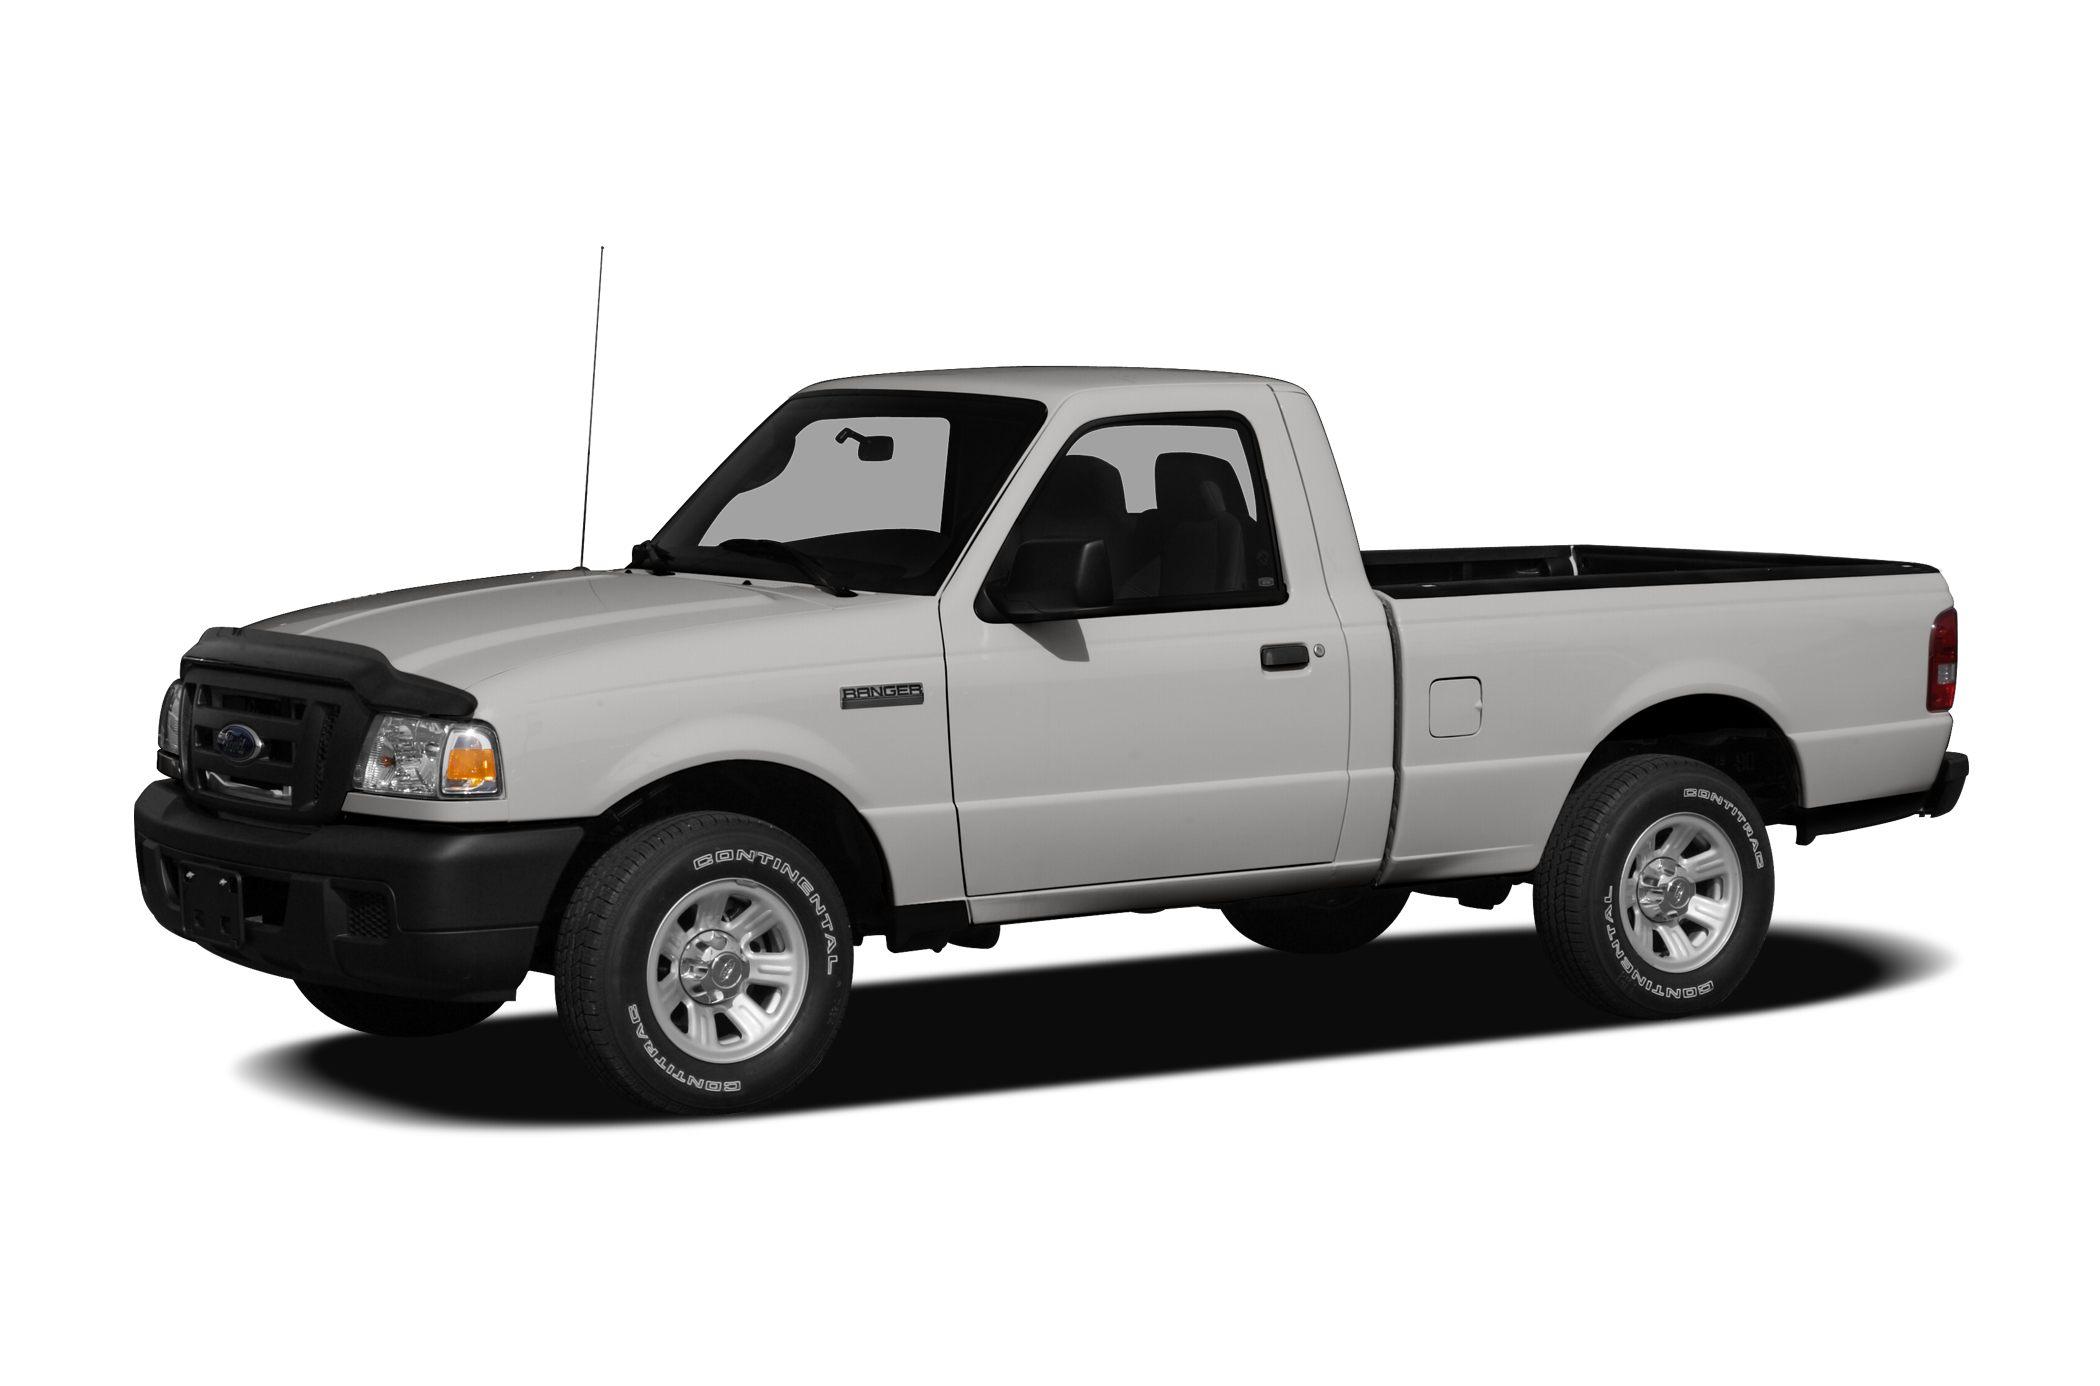 Un rappel de 153 000 camions chez Ford